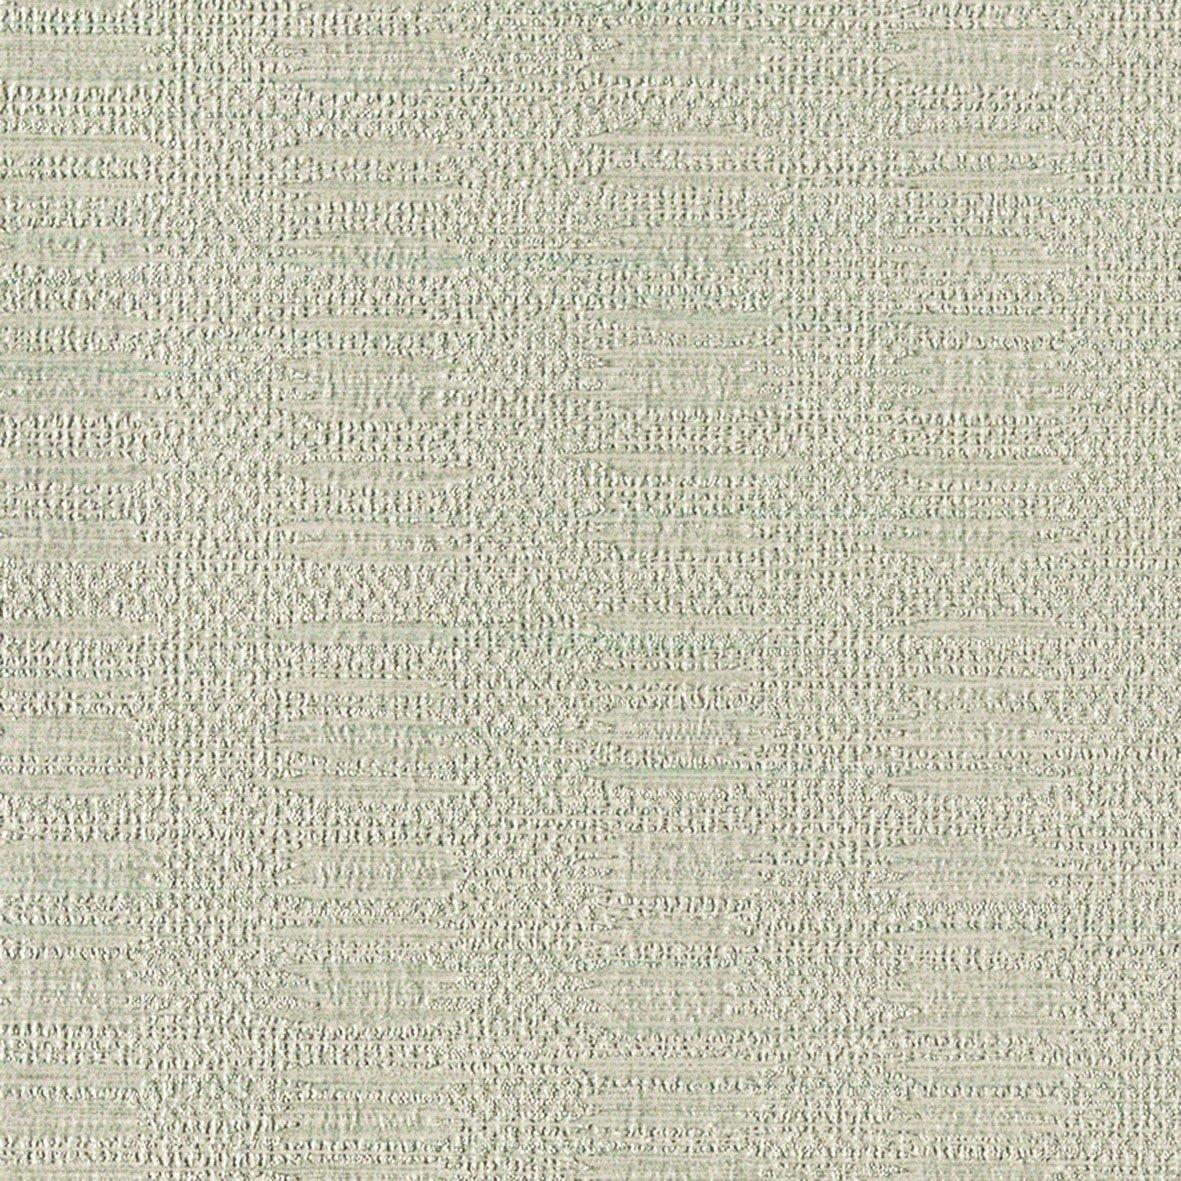 リリカラ 壁紙1巻50m 和 織物調 グリーン 和調 LV-6393 B01IHHIOTG 50m|グリーン